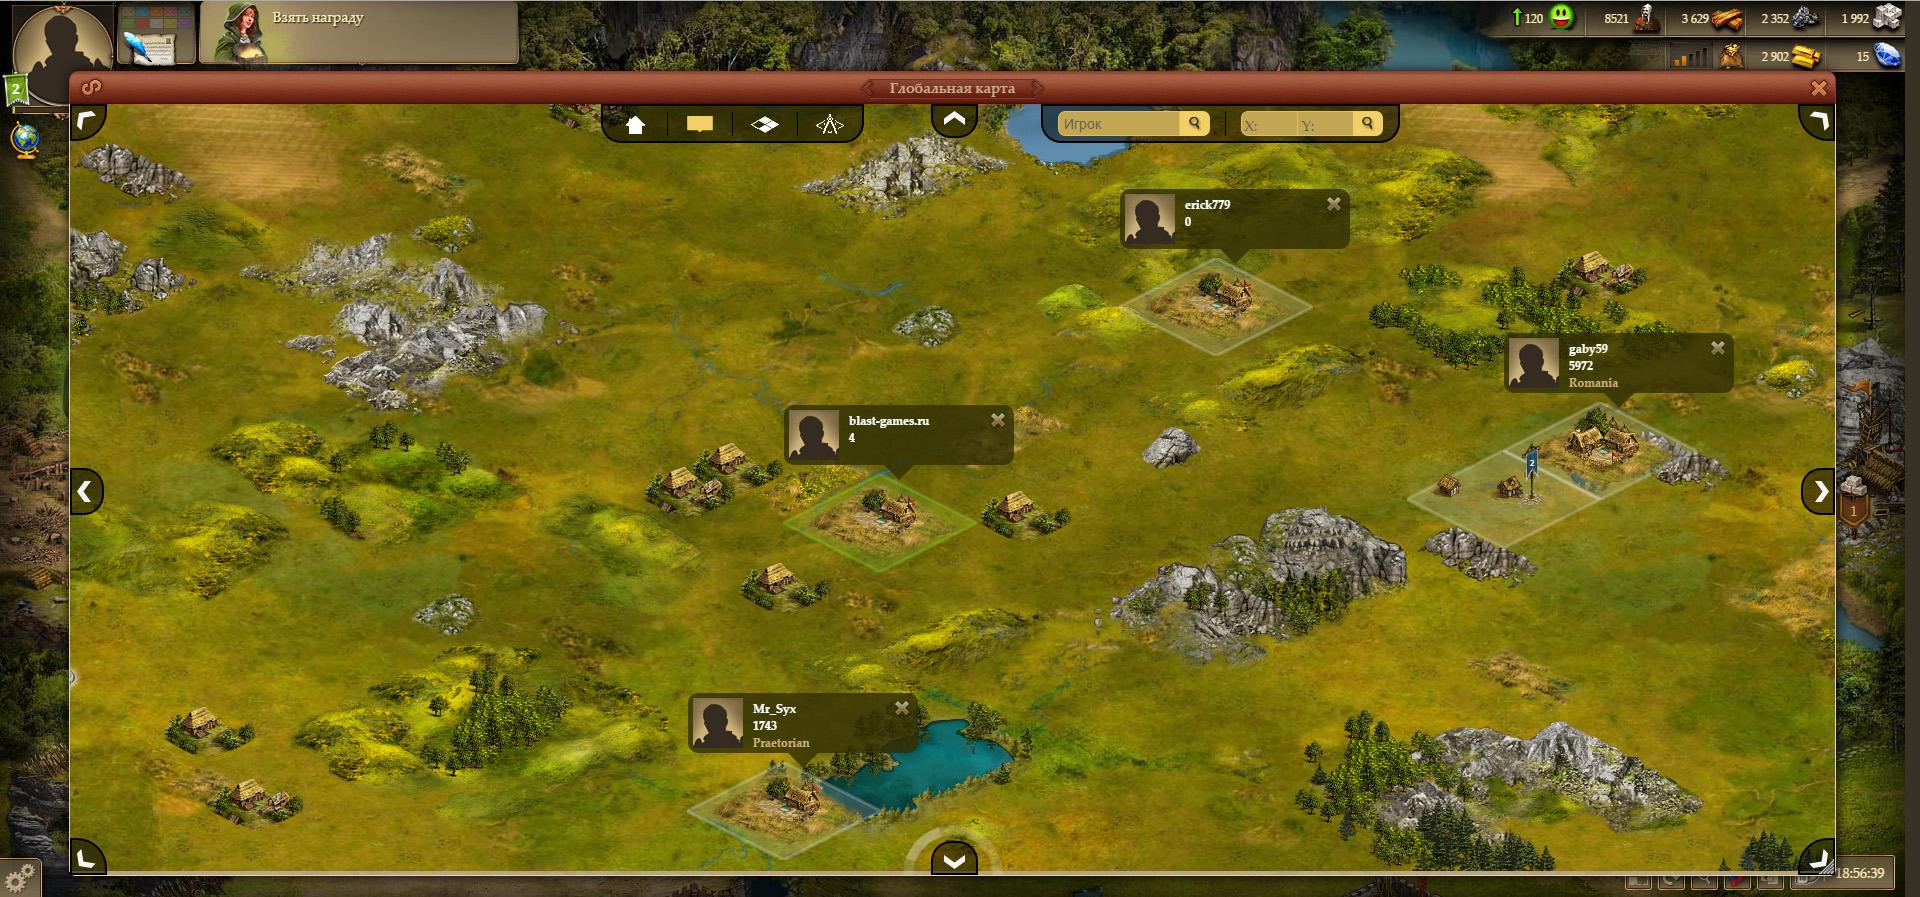 Глобальная карта, где вам предстоит вести свои войны с другими игроками